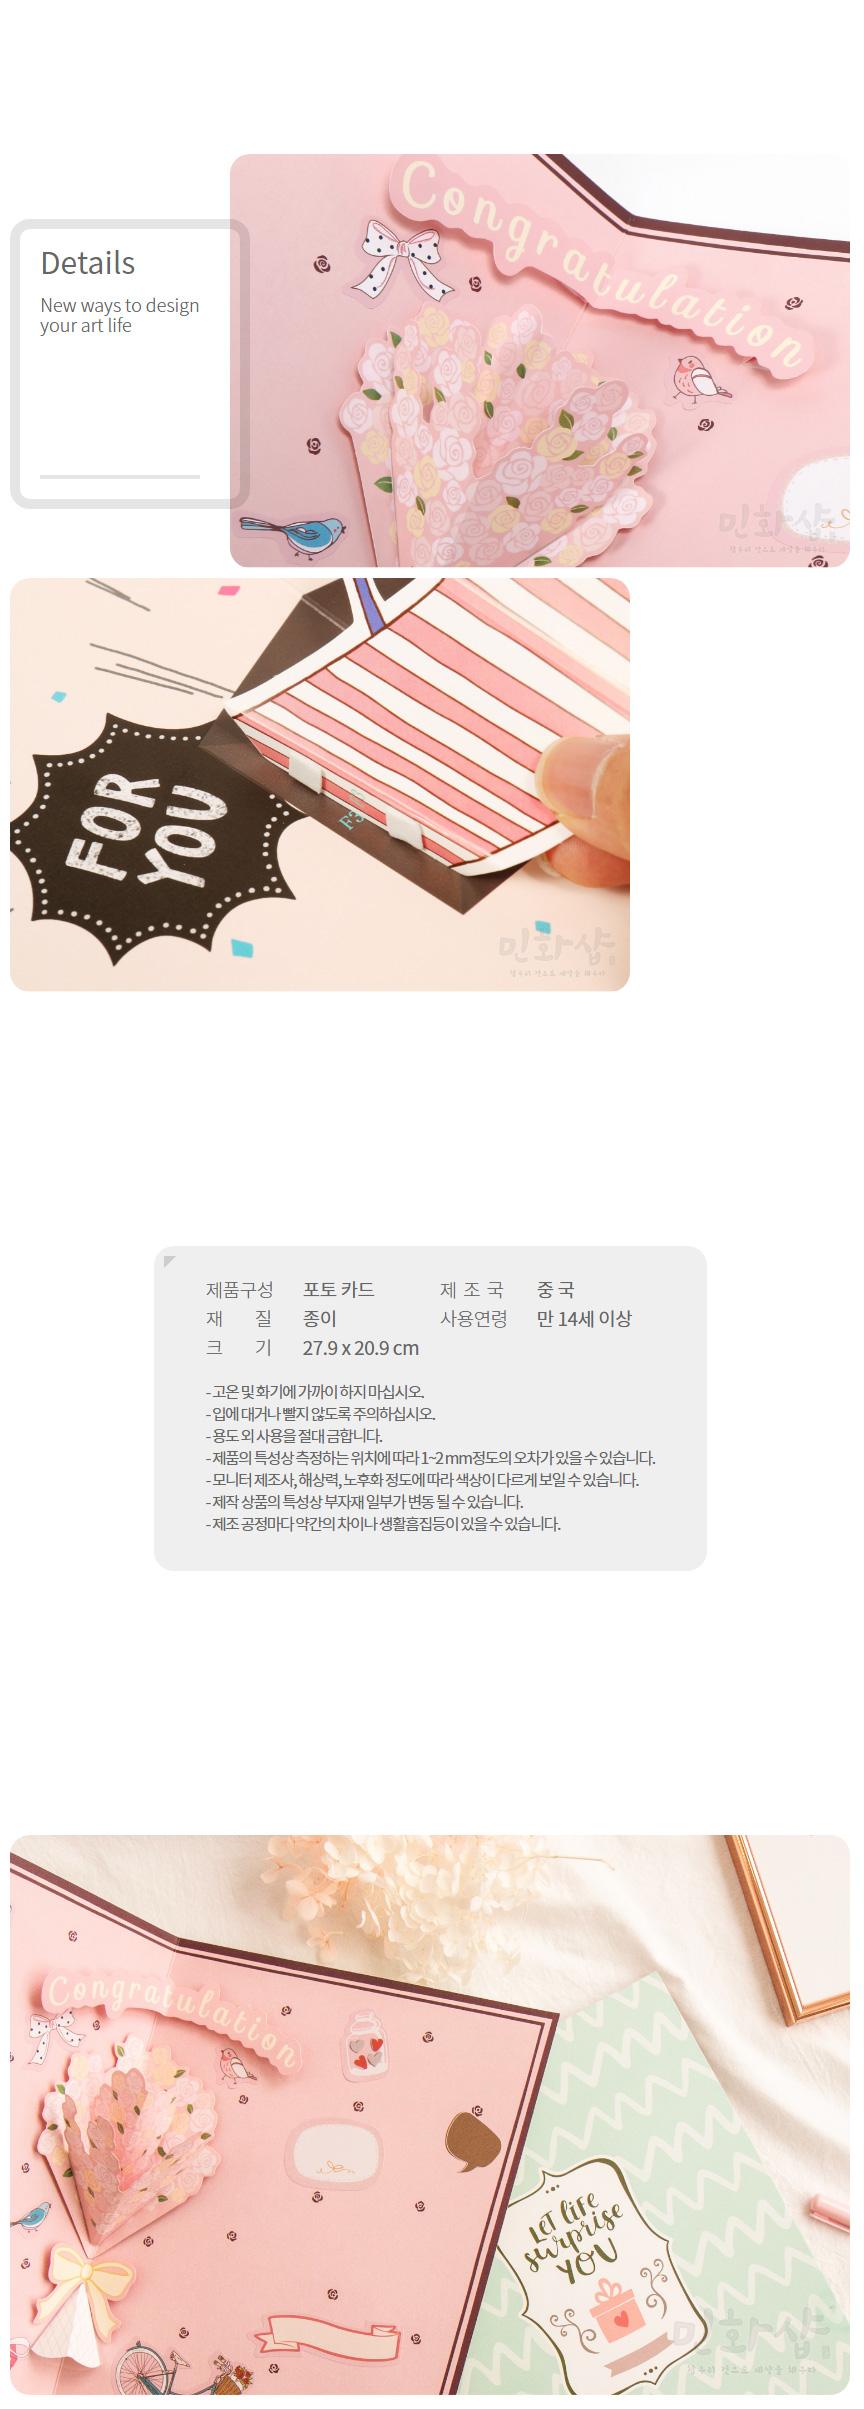 포토 생일 카드만들기 - 민화샵, 3,000원, 종이공예/북아트, 카드 패키지